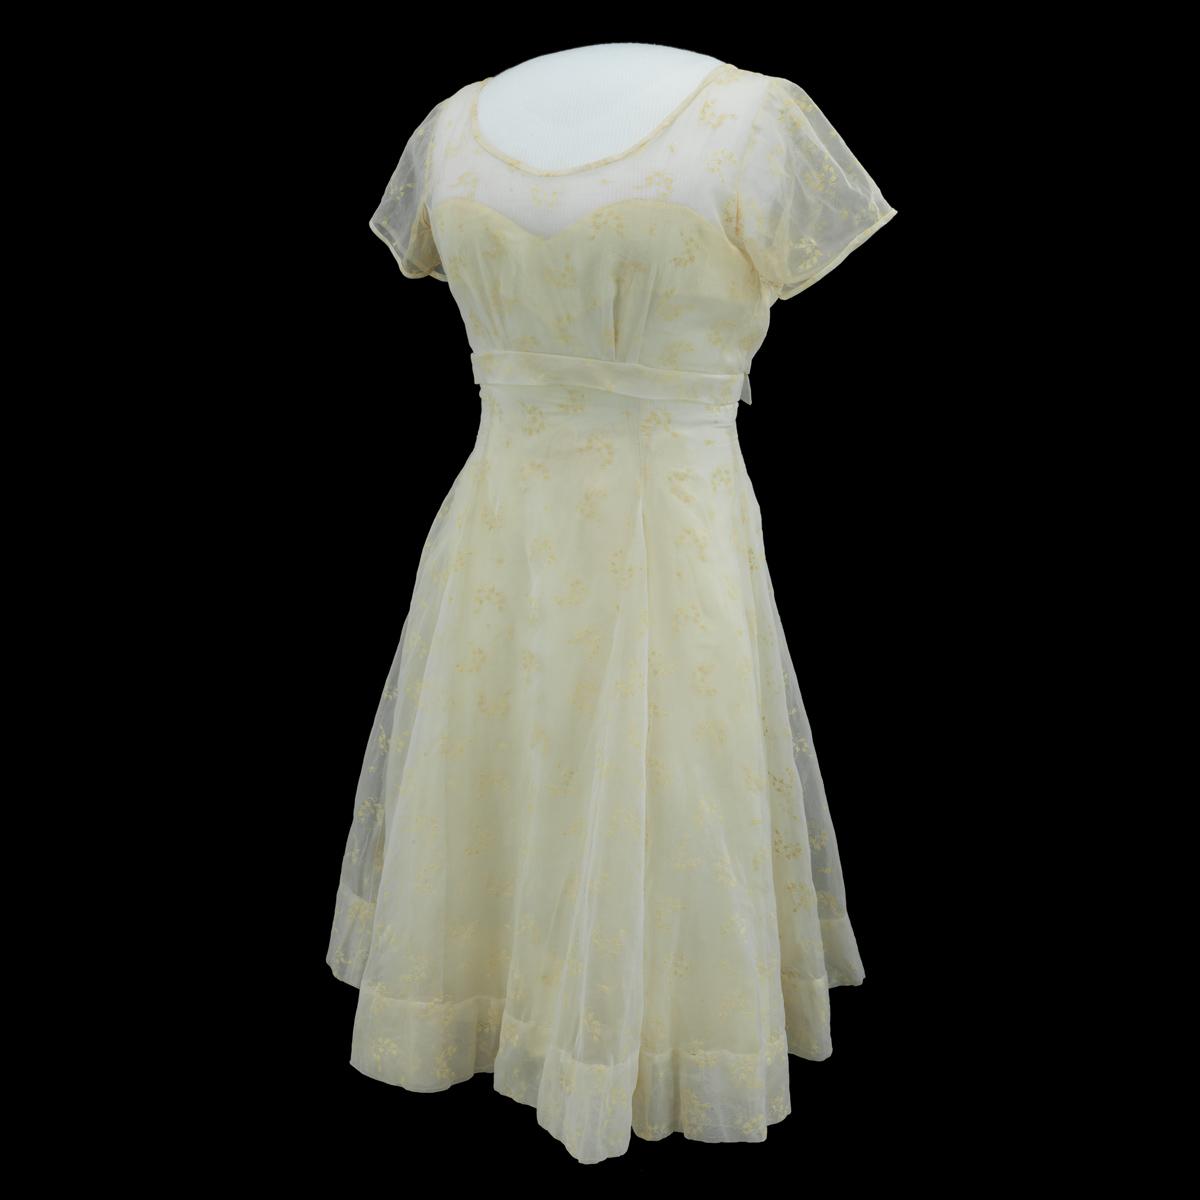 Minnijean Brown's graduation dress, 1959